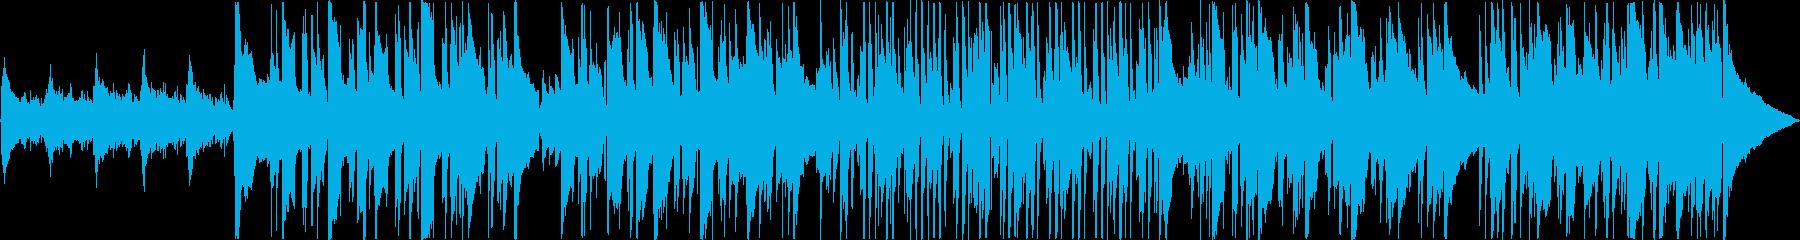 ゆったりなアコースティックギターバラードの再生済みの波形